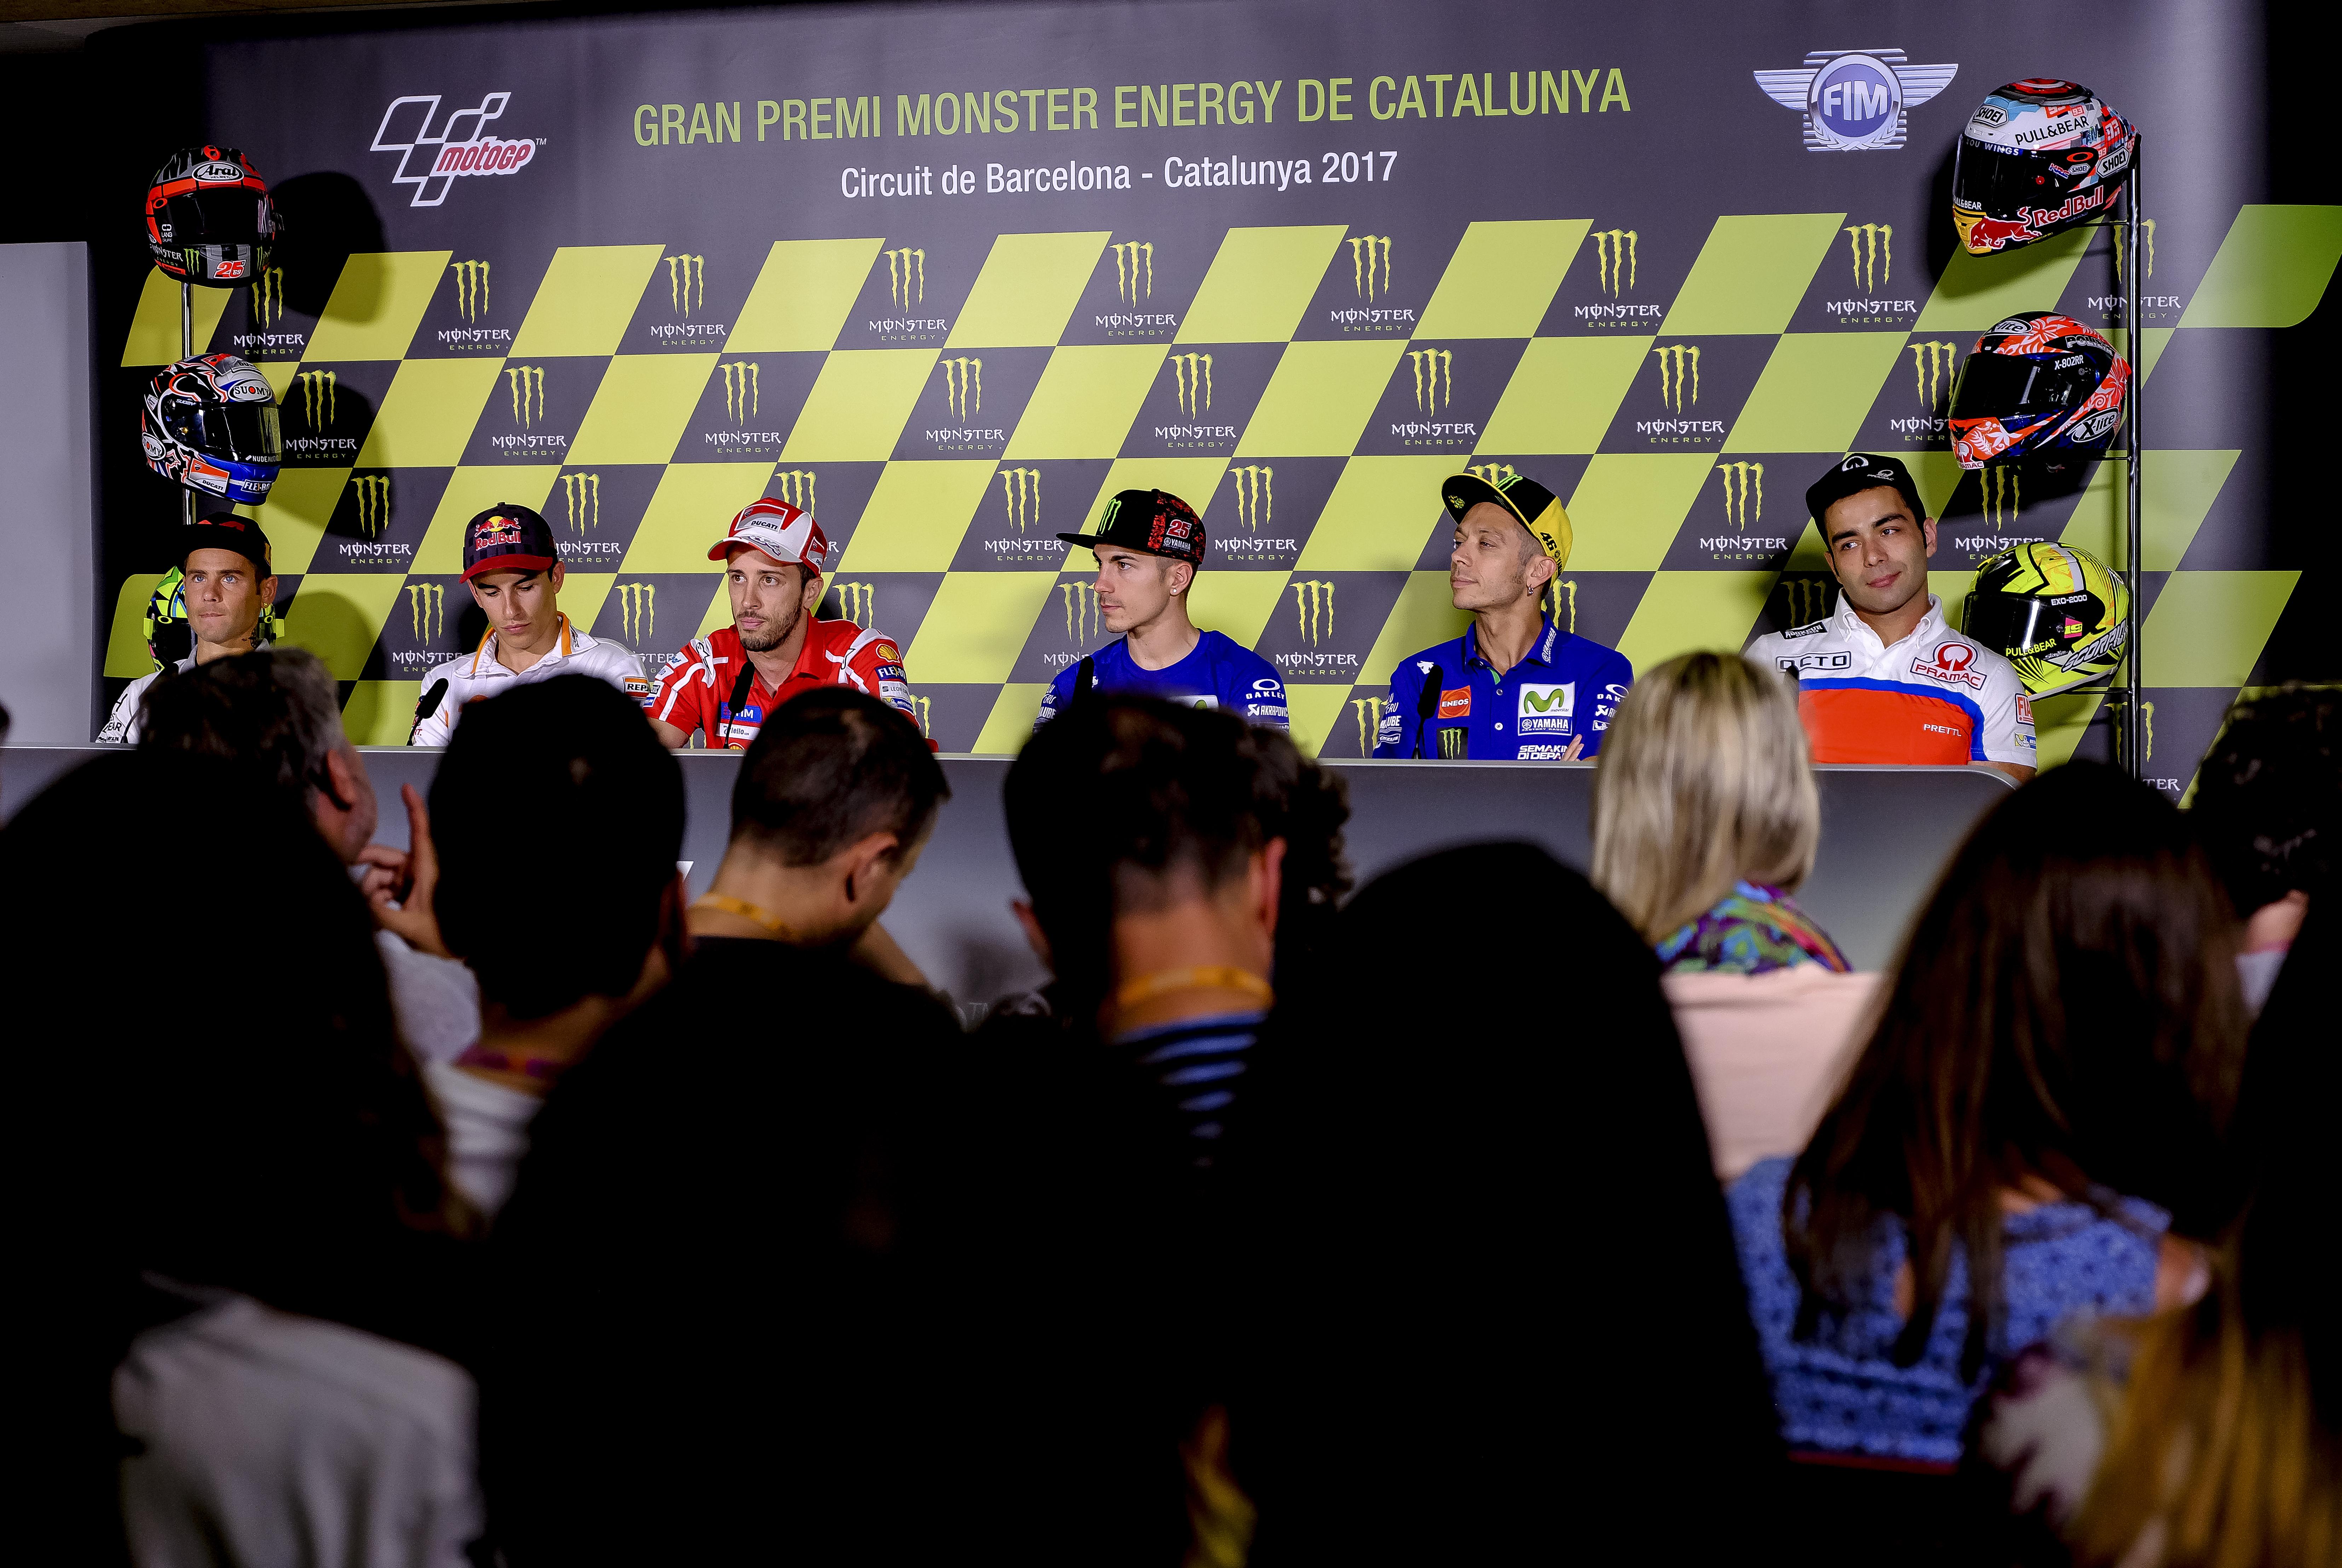 Arranca el Gran Premio Monster Energy de Catalunya